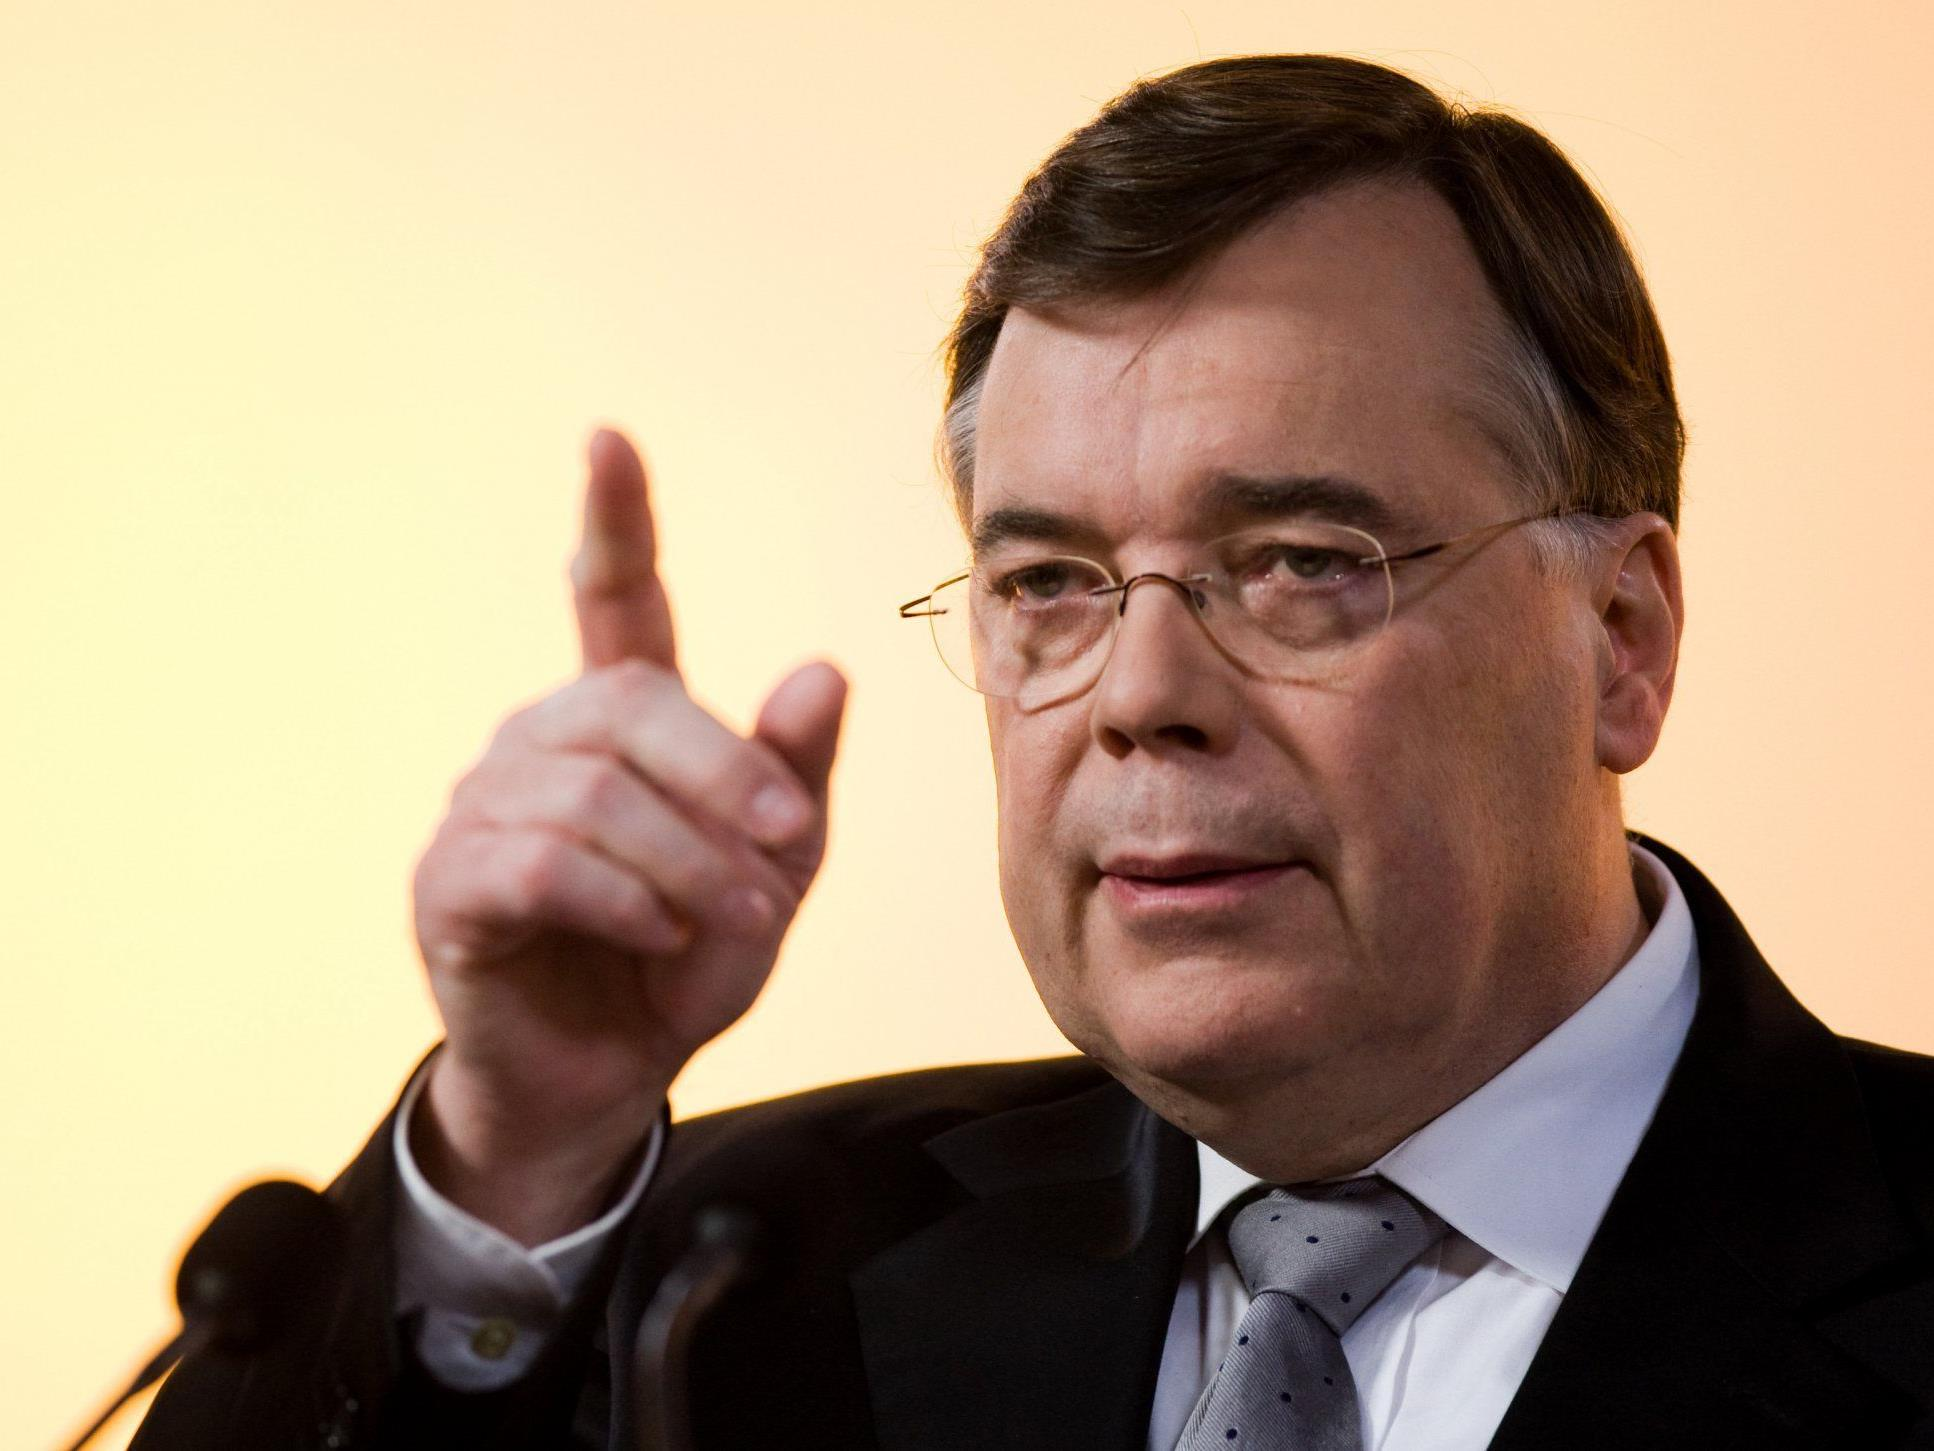 Trotz Verurteilung muss der isländische Ex-Regierungschef Haarde nicht hinter schwedische Gardinen.